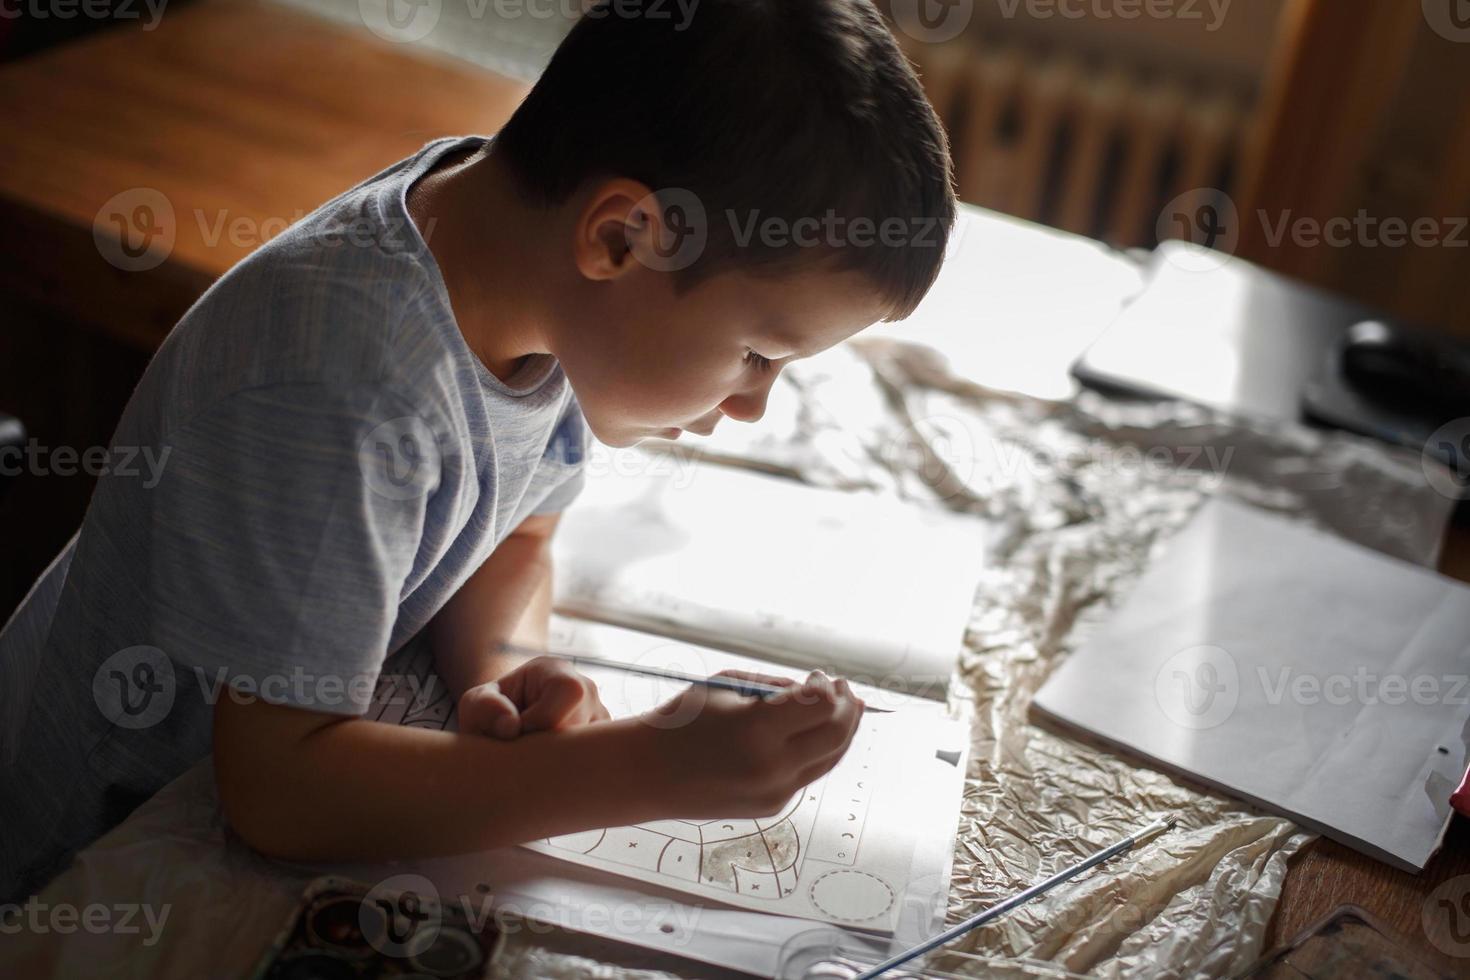 petit garçon peinture livre de coloriage à la maison photo